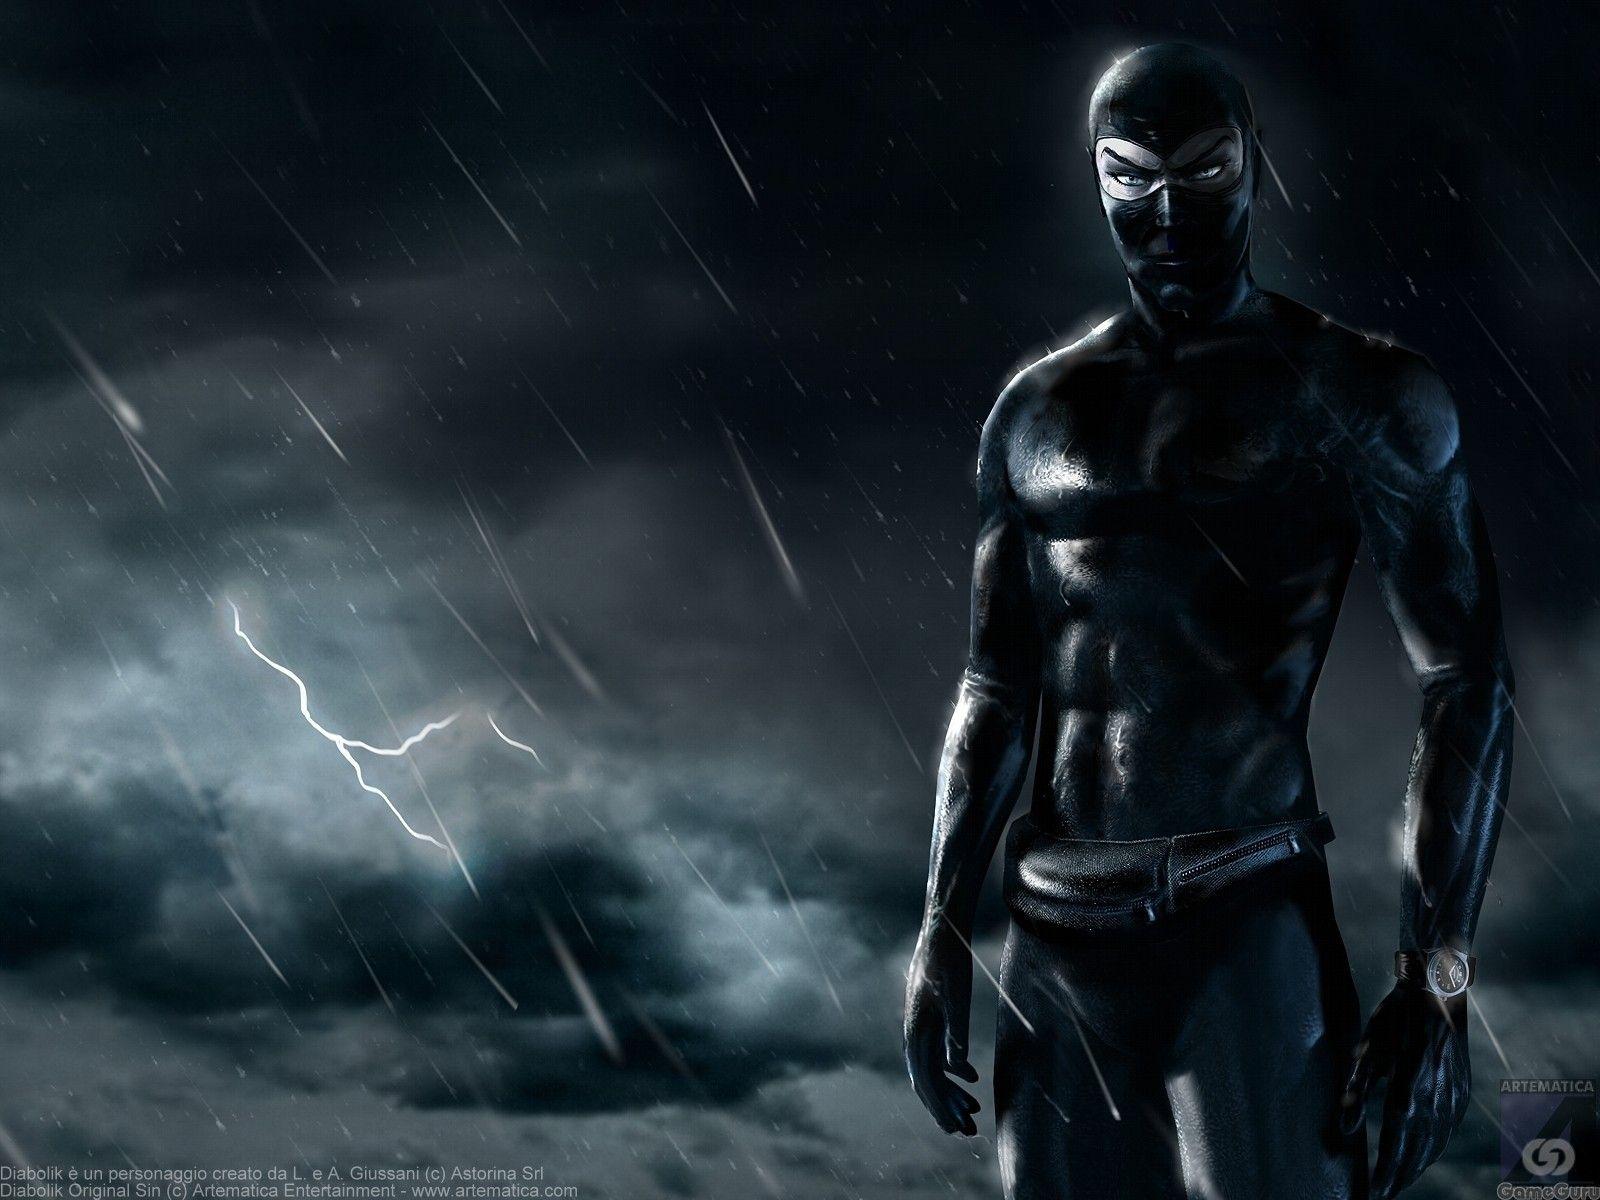 Dark Ninja Assassin Wallpapers   Top Dark Ninja Assassin 1600x1200